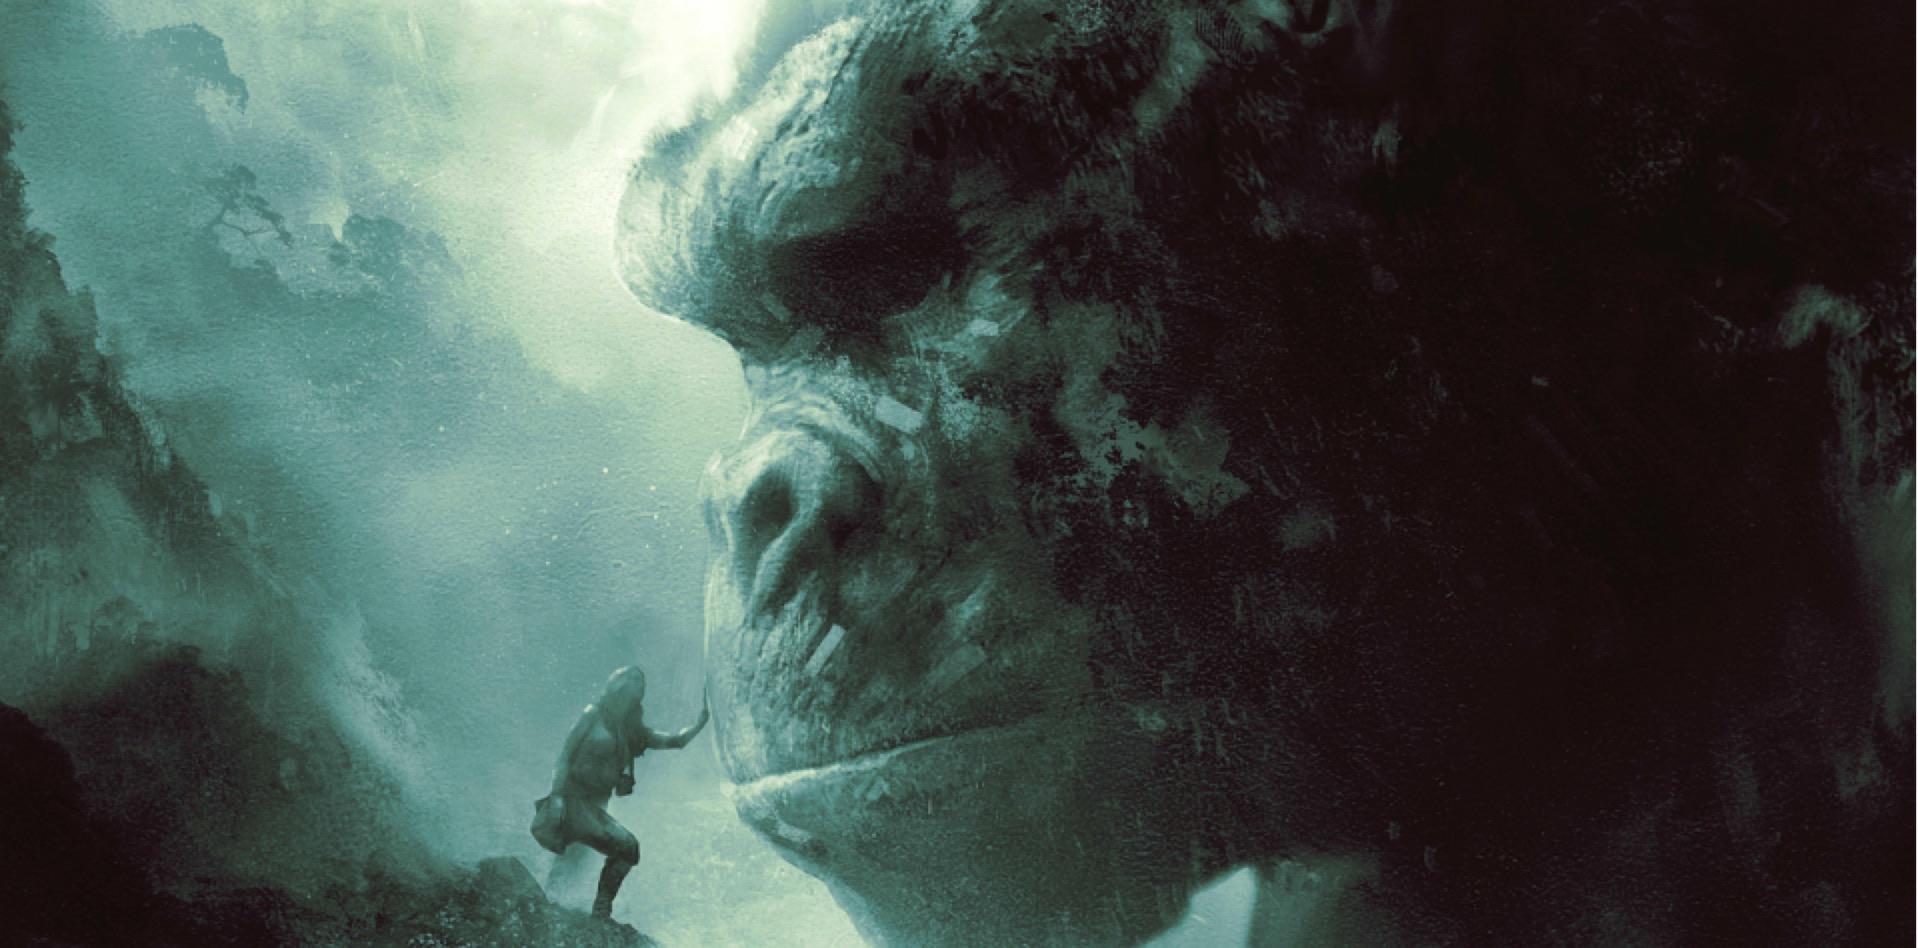 Kong Skull Island Early Reviews